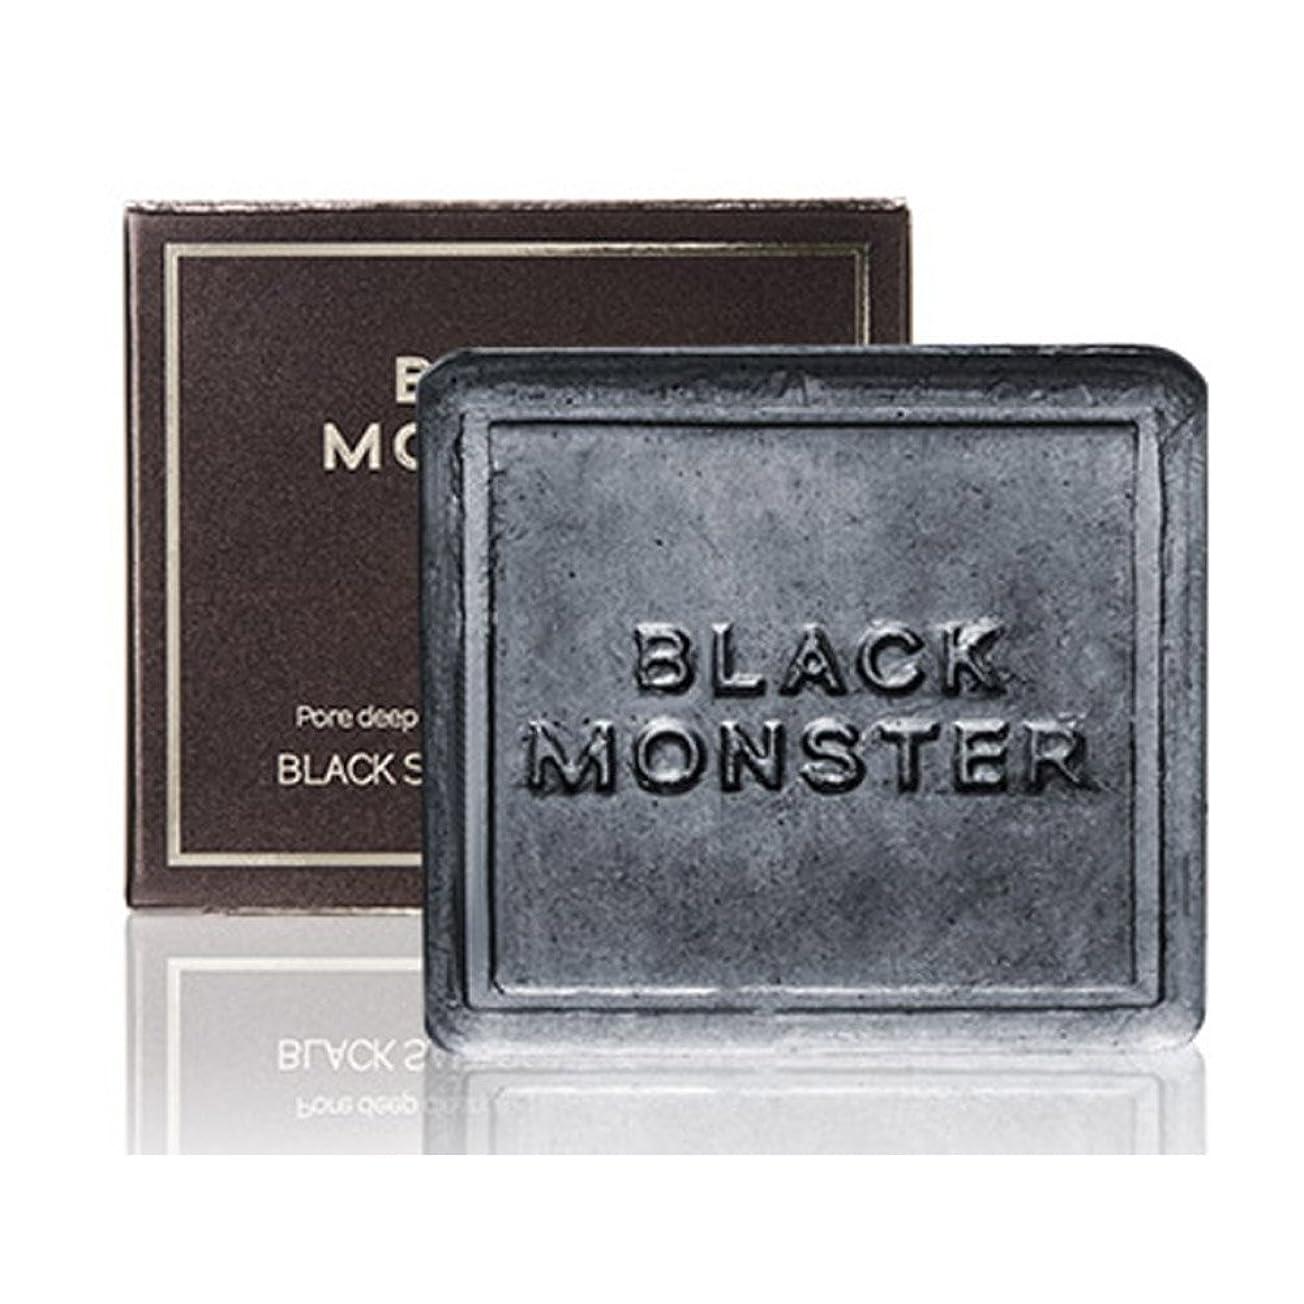 メタンリア王管理[ブレンクTV] blanktv Black Monster ブラックソルトコントロールバー 120g 海外直送品 black salt control bar [並行輸入品]